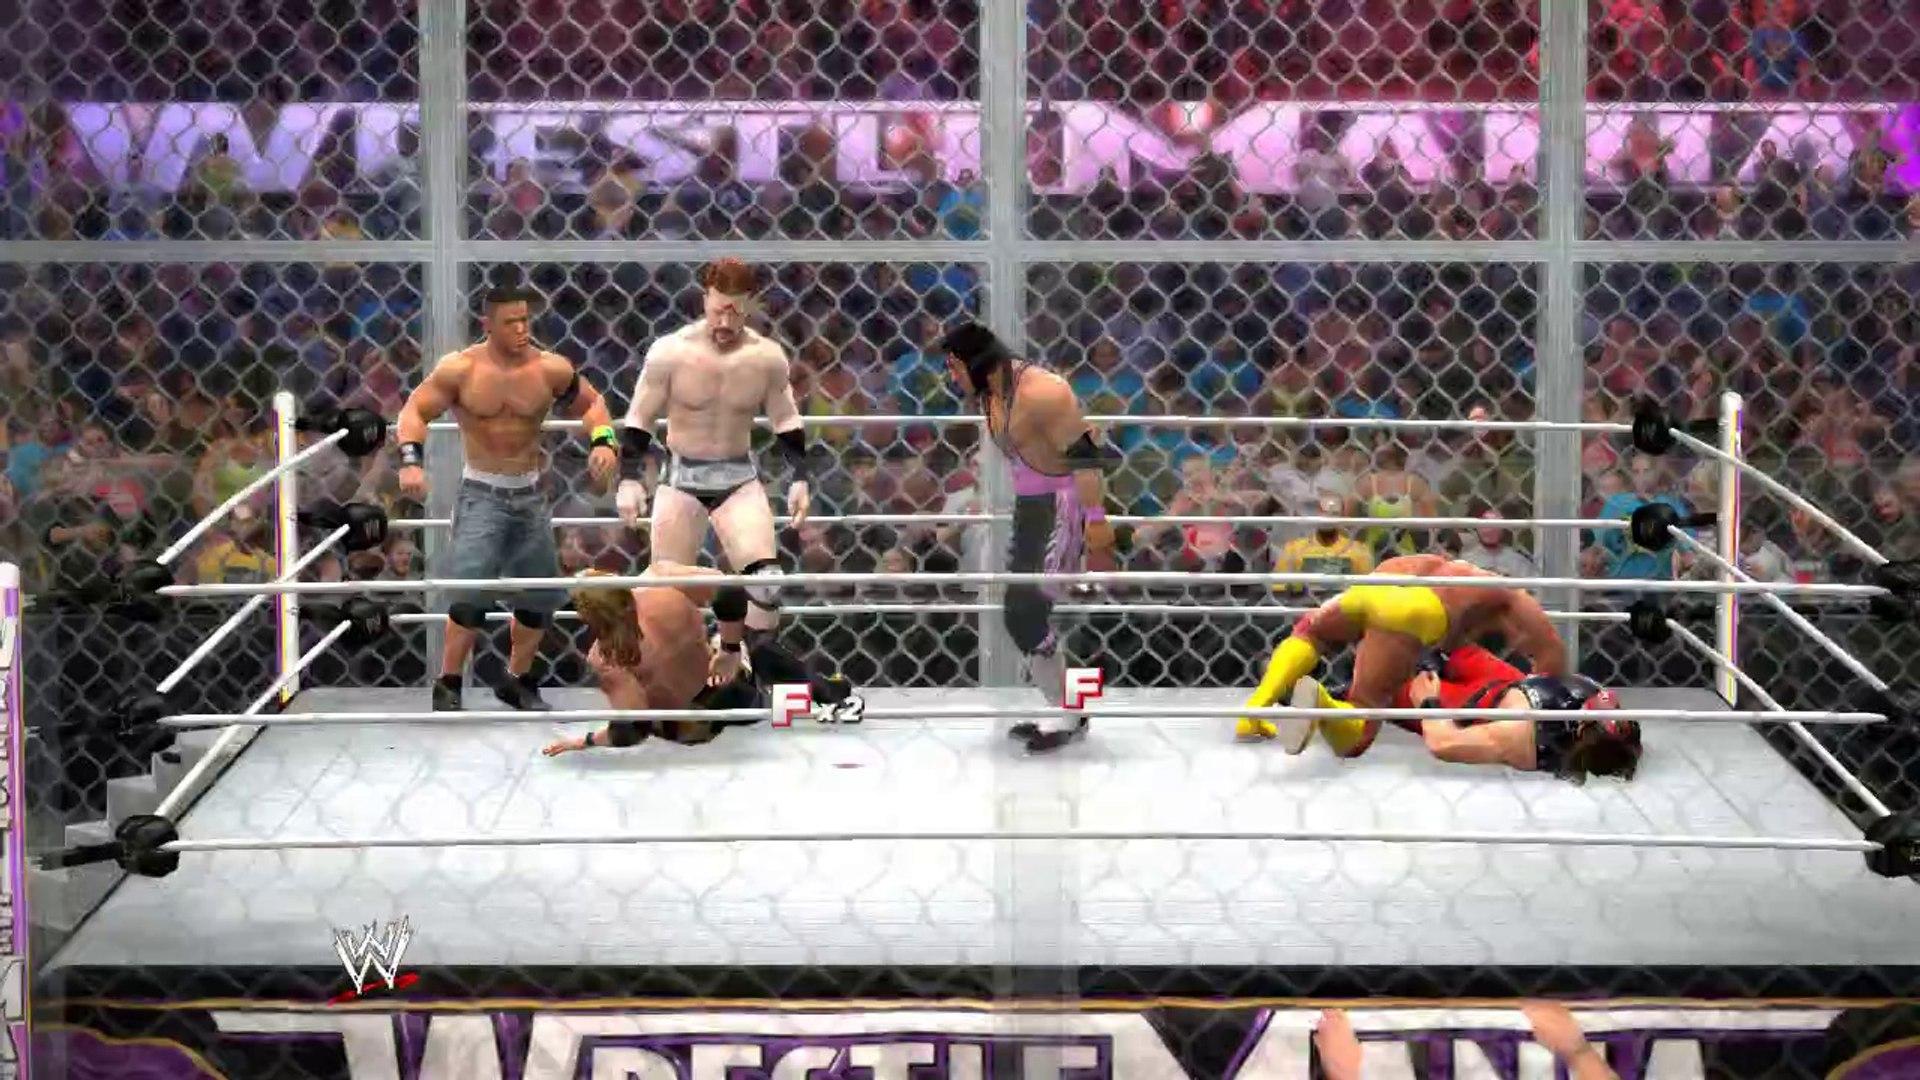 Watch Hogan v. Edge v. Sheamus v. Cena v. Hart v. Kane WWE 2K14 (HIAC) Let's Play